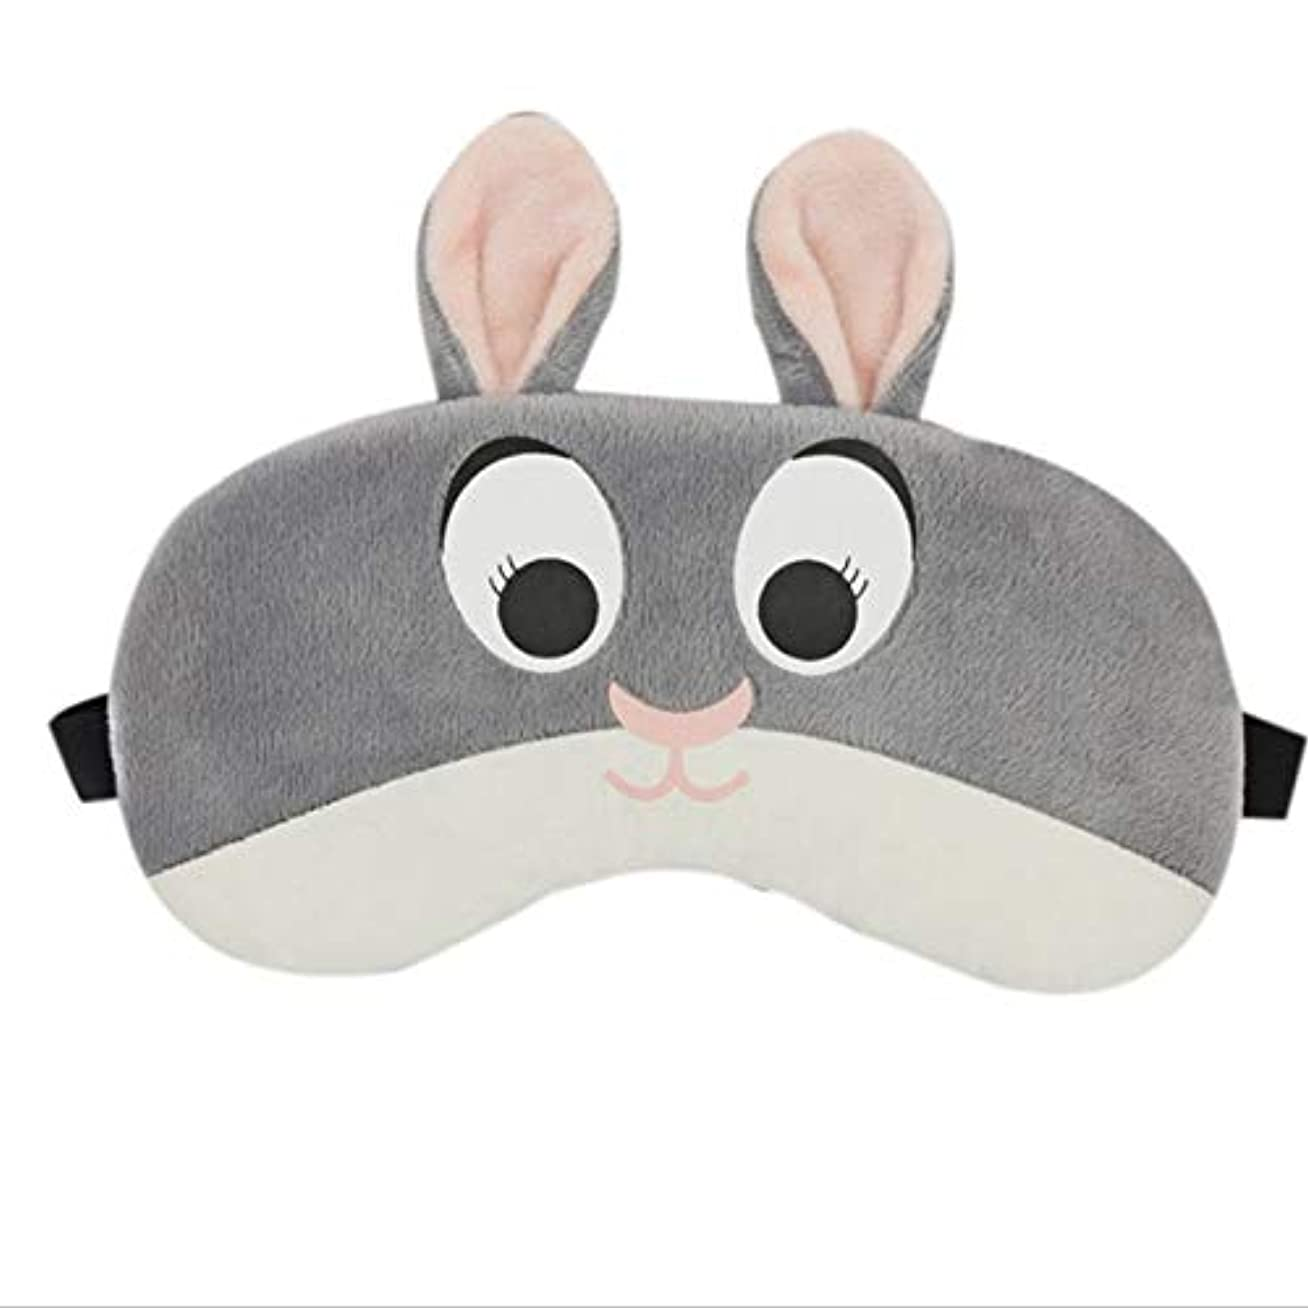 奇跡的なストローク心配するNOTE 睡眠マスクアイマスクアイパッチソフトコットンシームレスフォックスセラピーパターンシェードカバー旅行のためリラックス睡眠補助MP0165